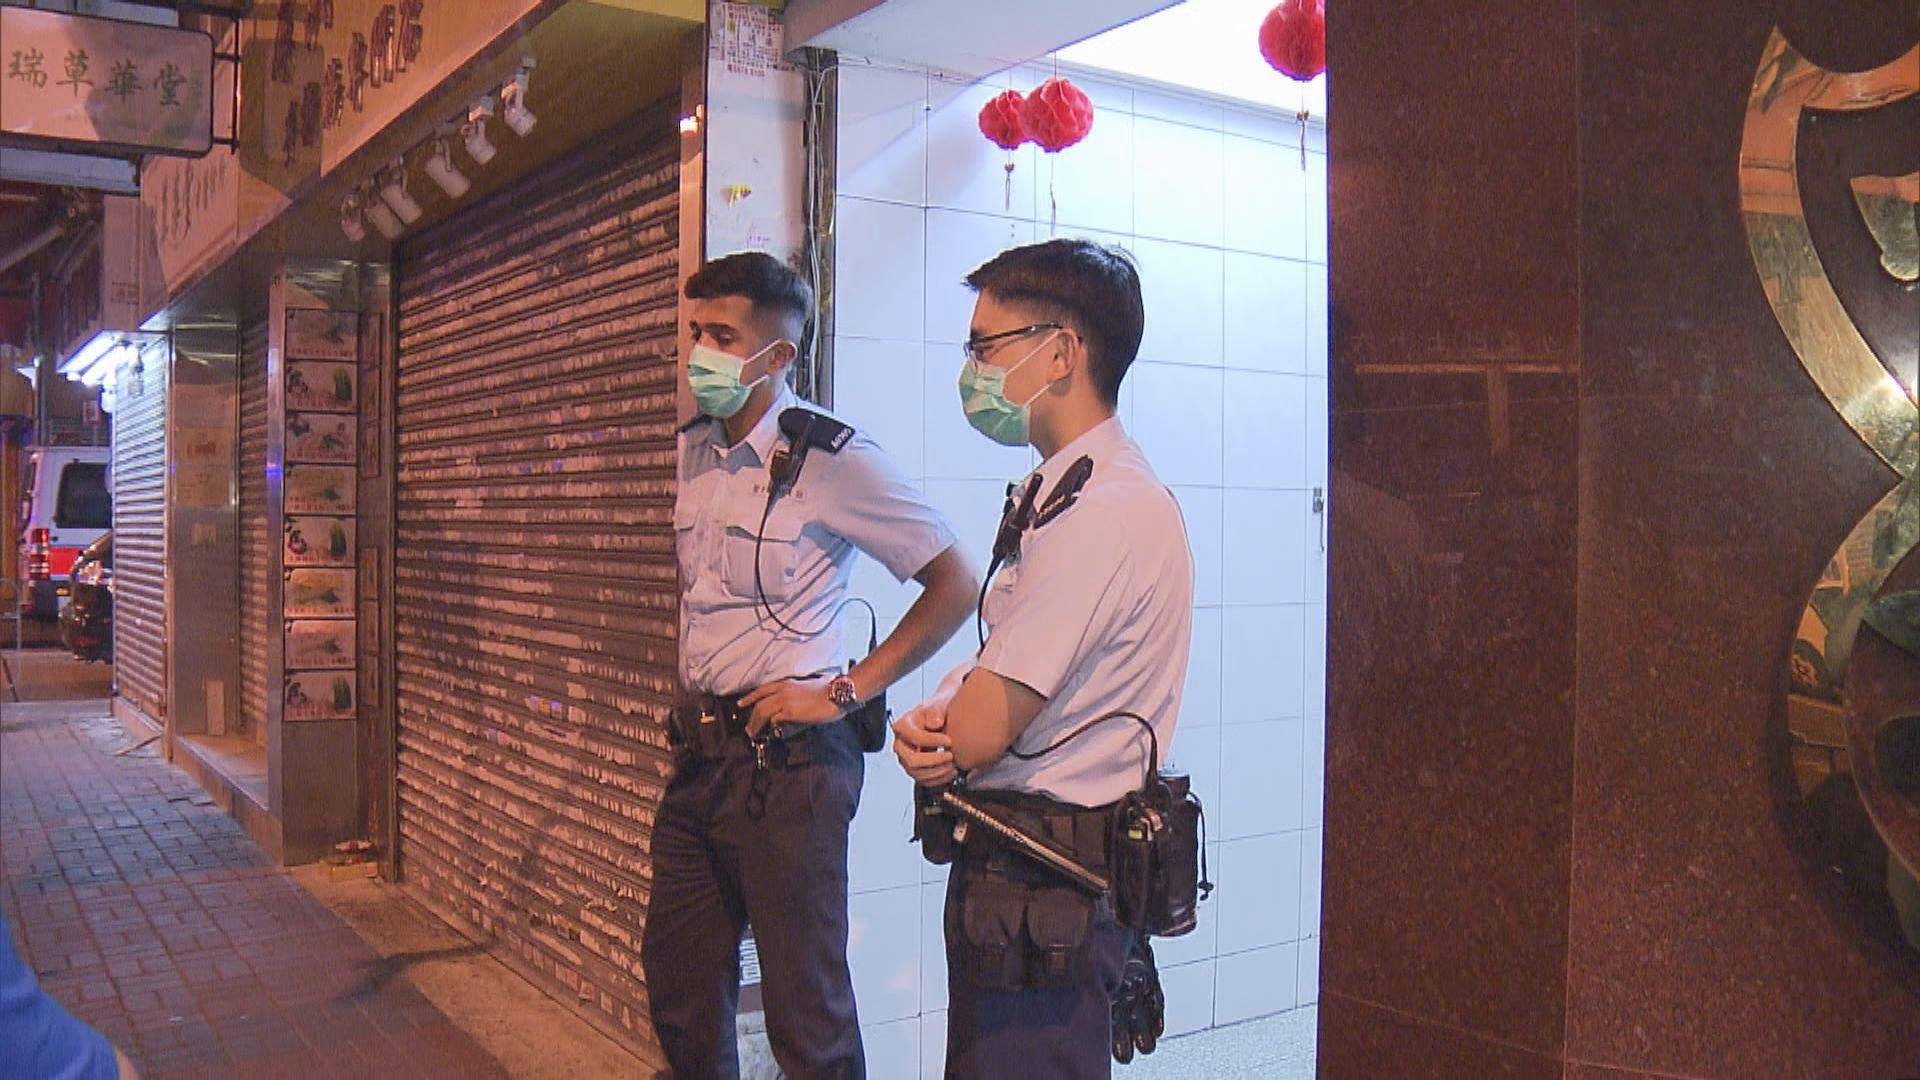 旺角越南漢疑與同鄉爭執後被斬傷